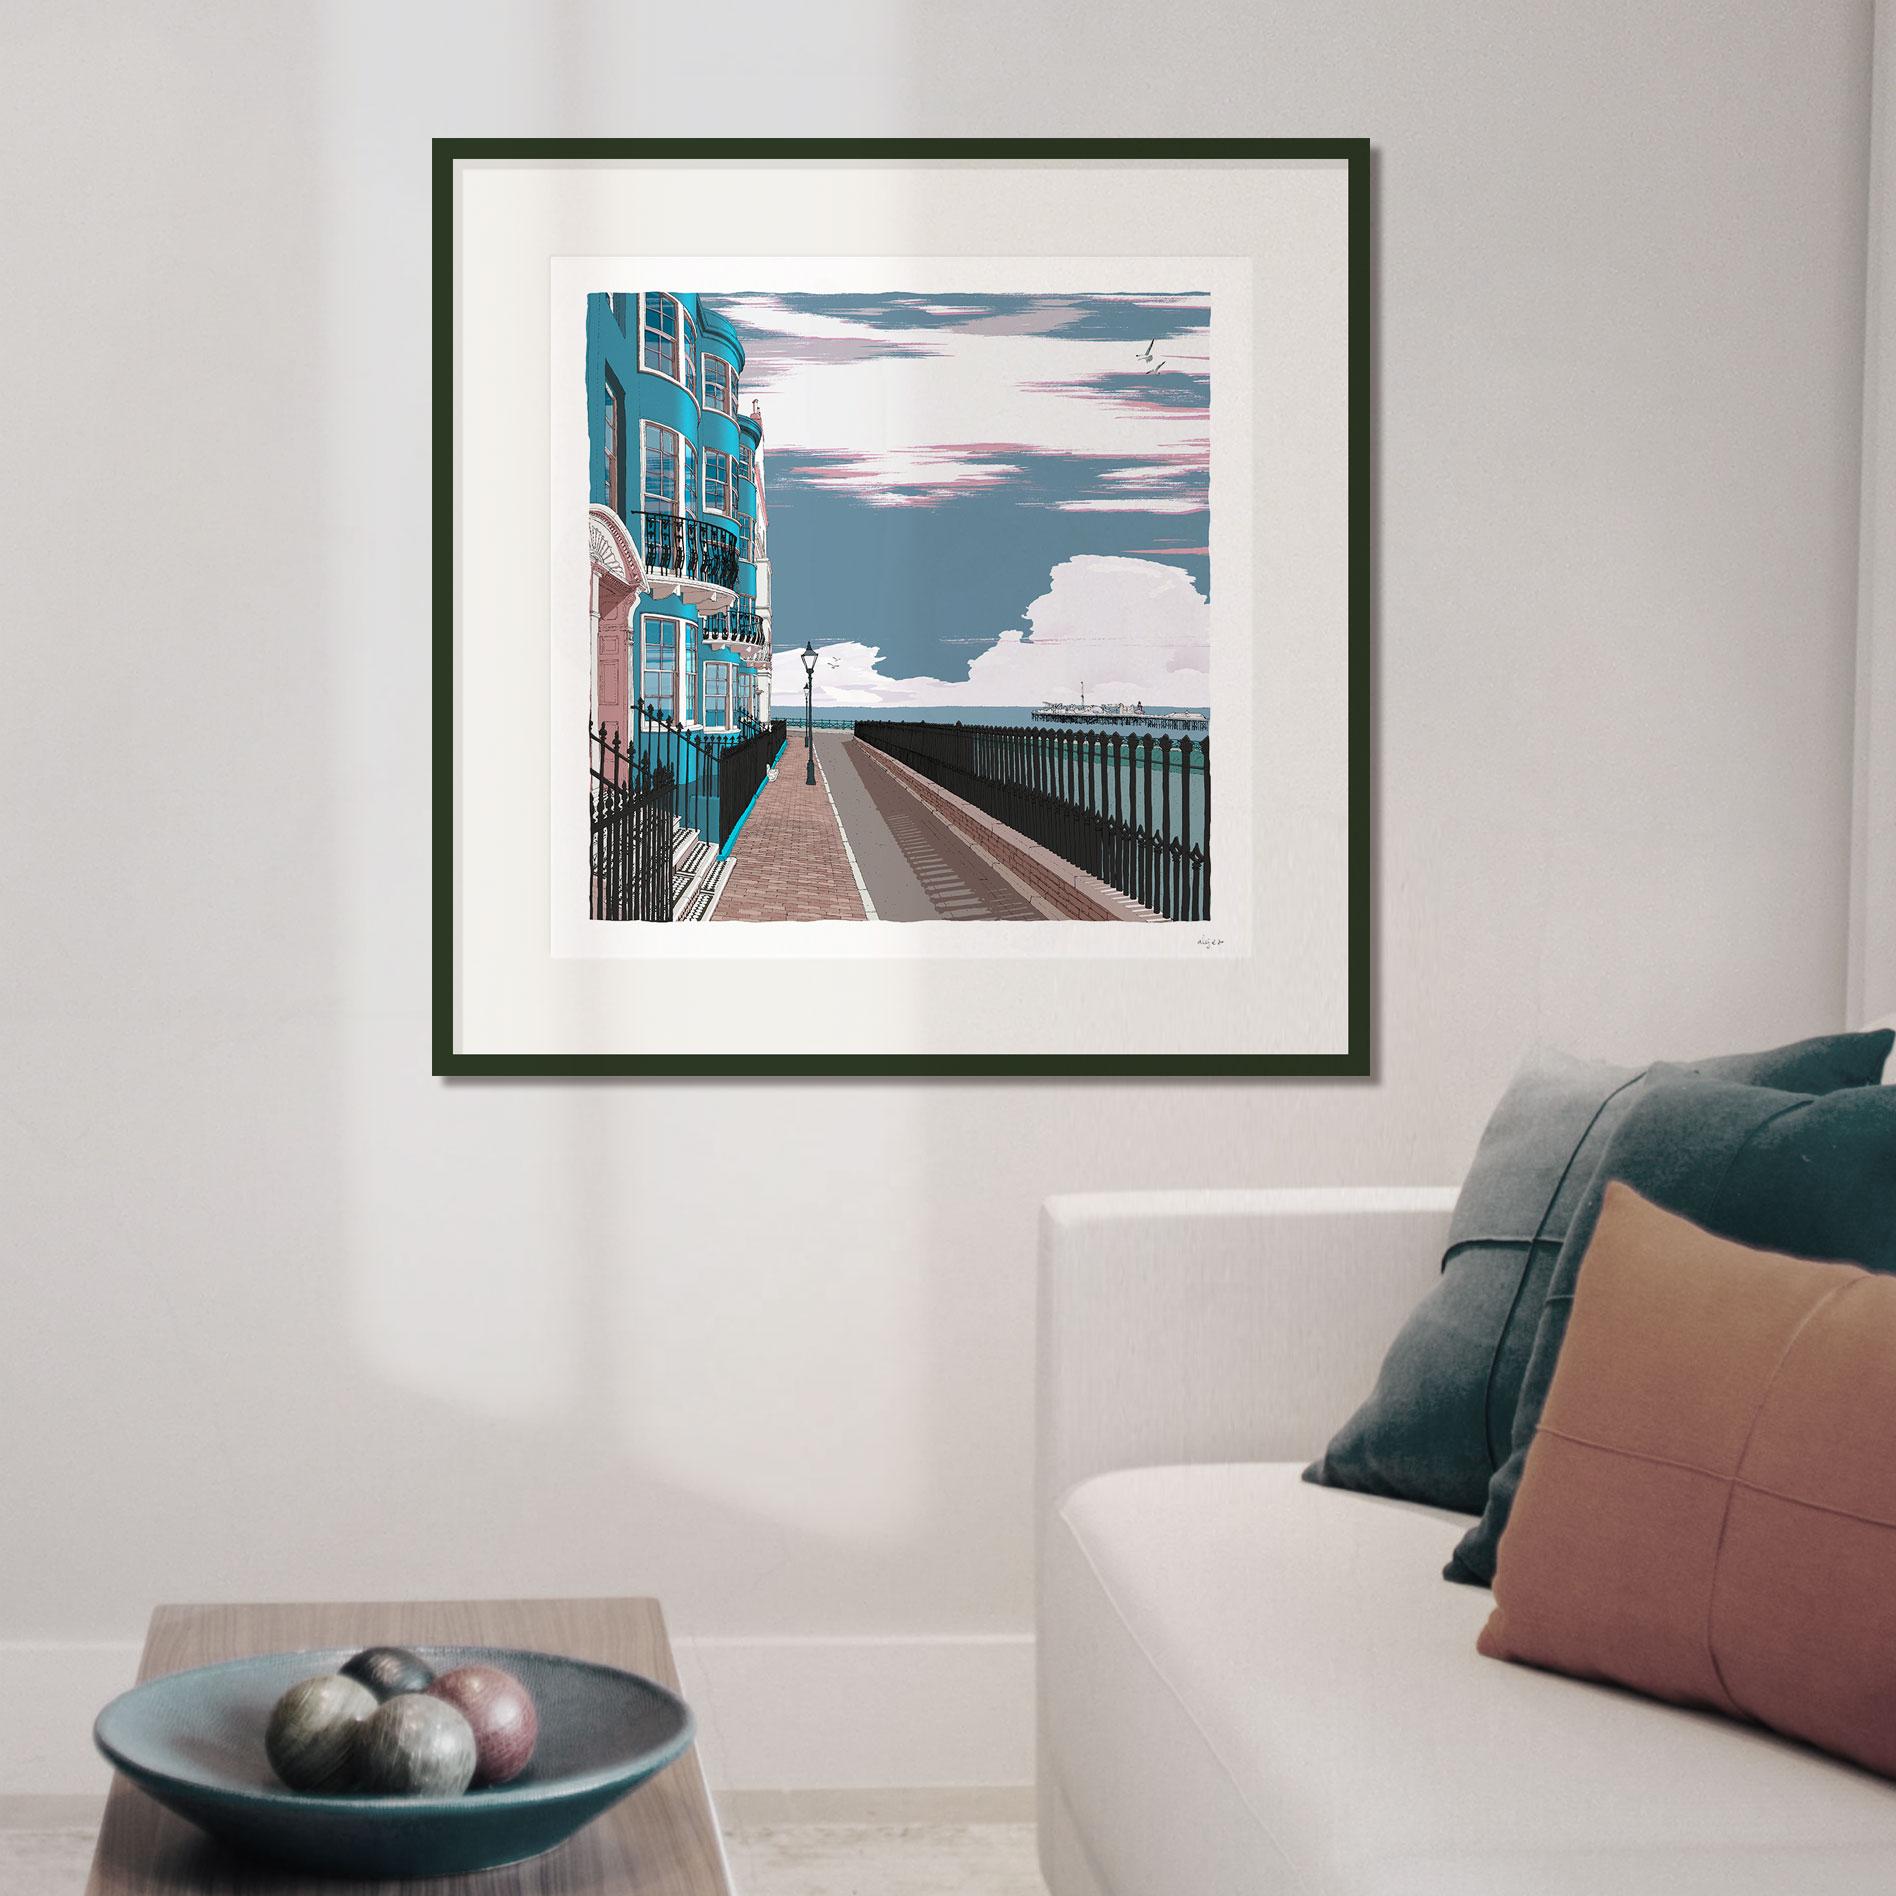 New Steine Brighton Seaside Architecture art print 50 x 50 cm size framed